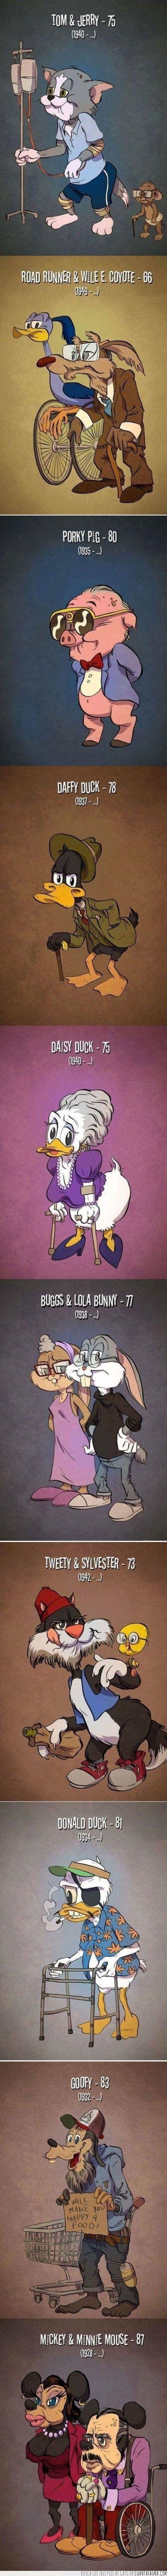 31437 - Así envejecerían los animales más famosos de los dibujos animados